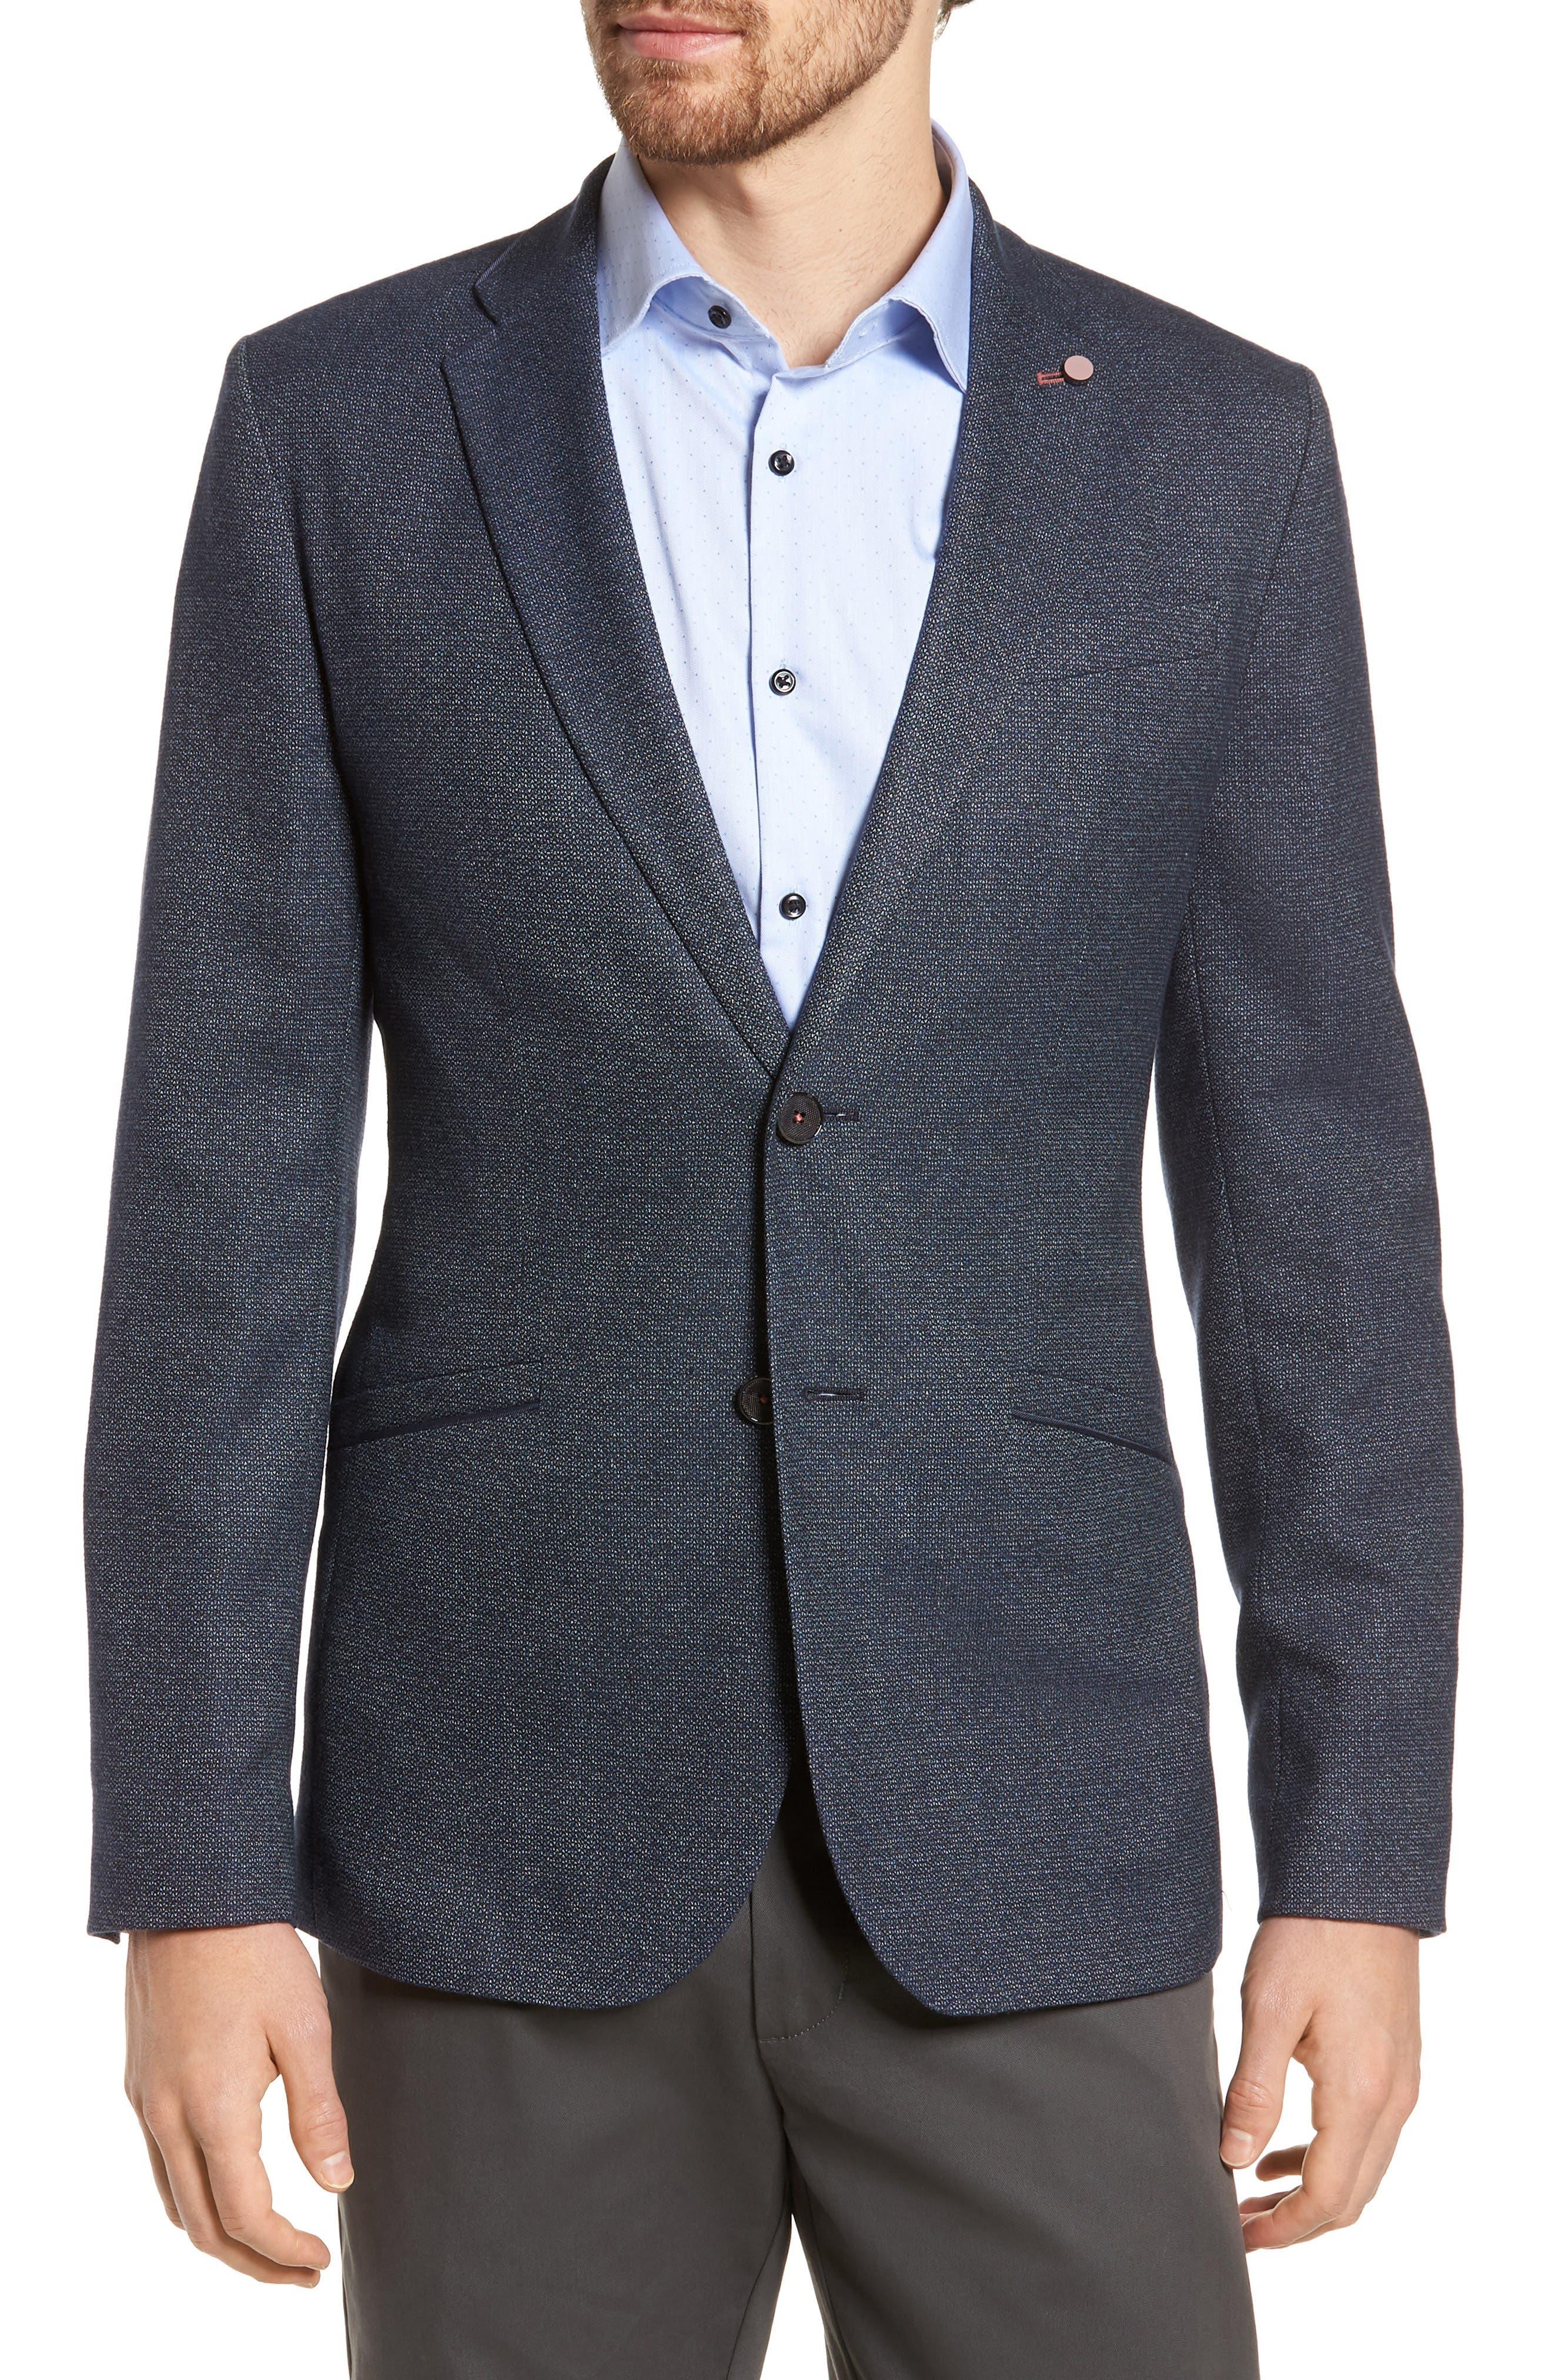 Burkett Trim Fit Blazer,                         Main,                         color, Blue